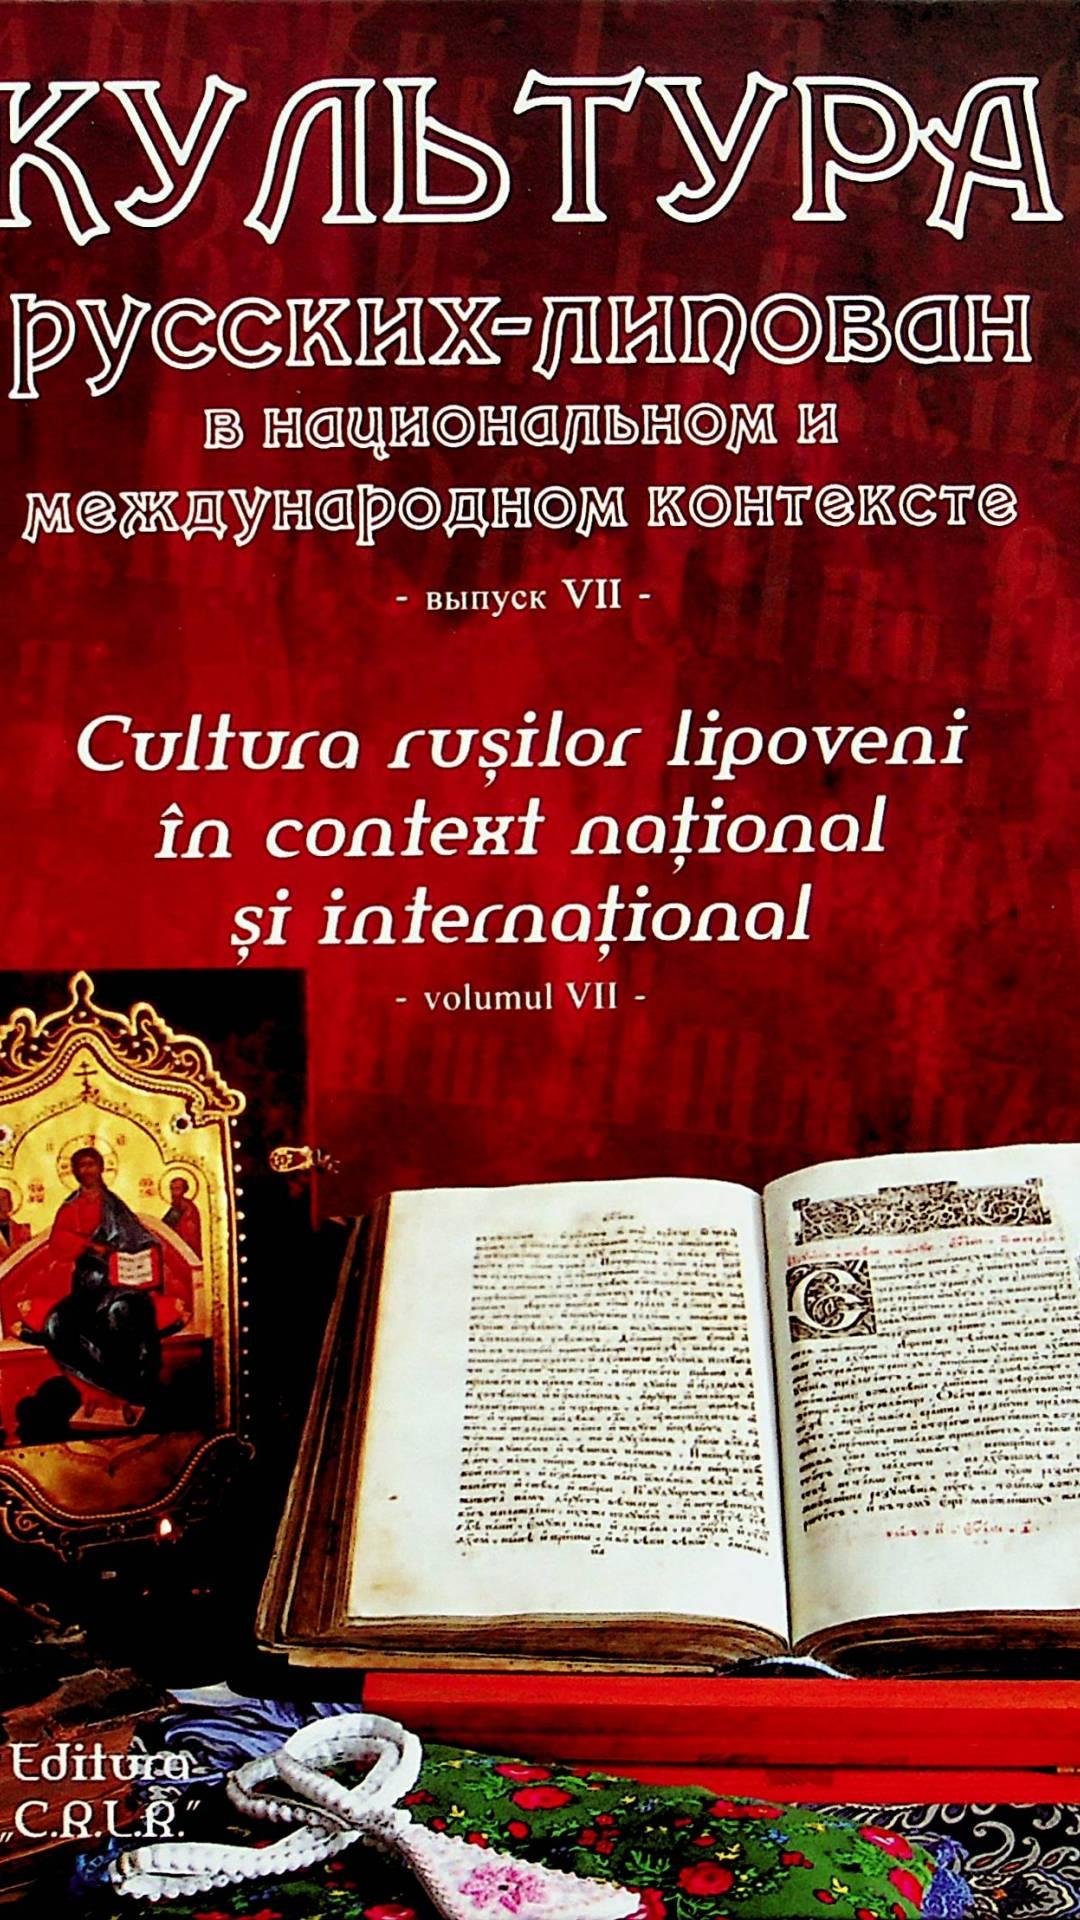 Культура русских-липован в национальном и международном контексе